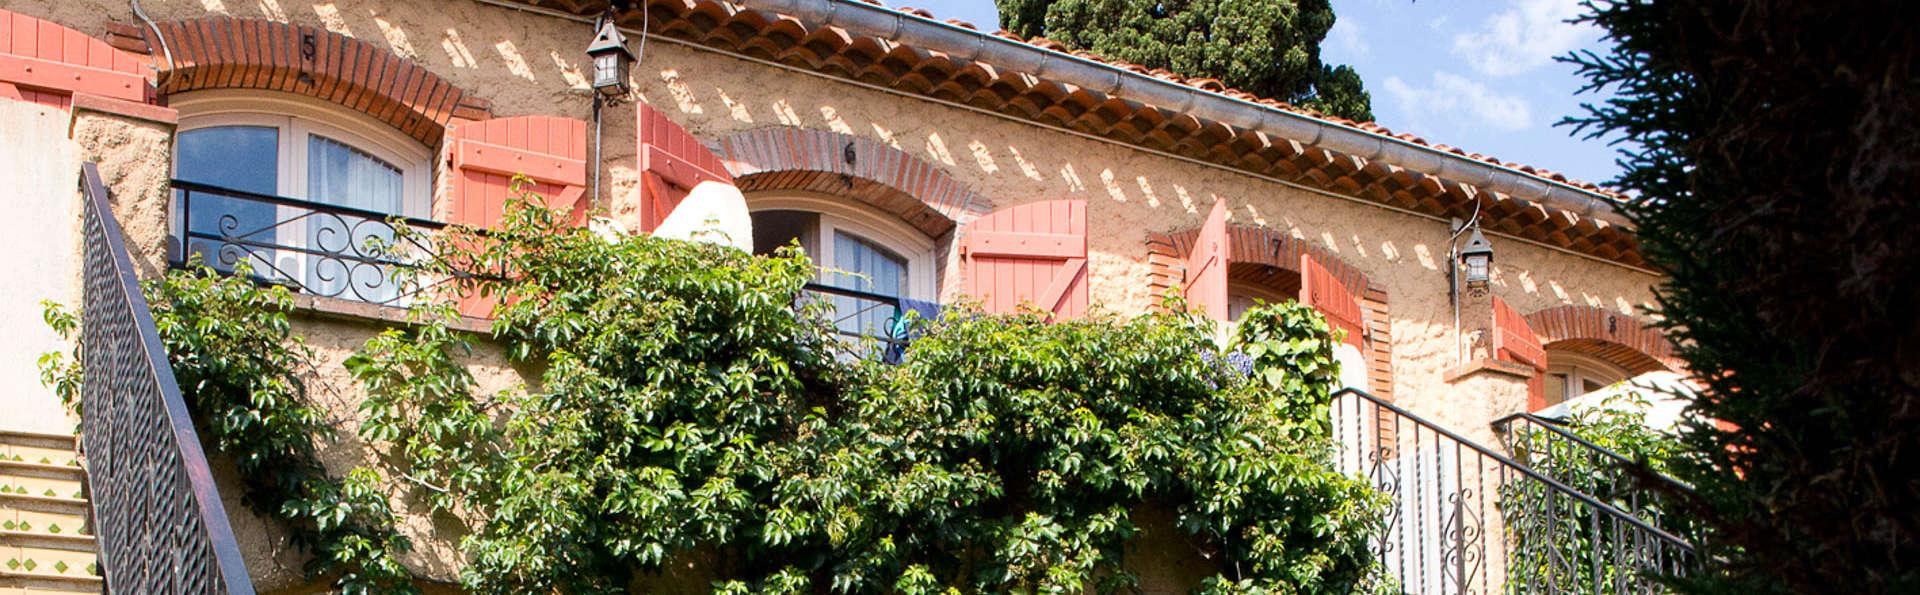 Douceur méditerranéenne en plein cœur de Collioure